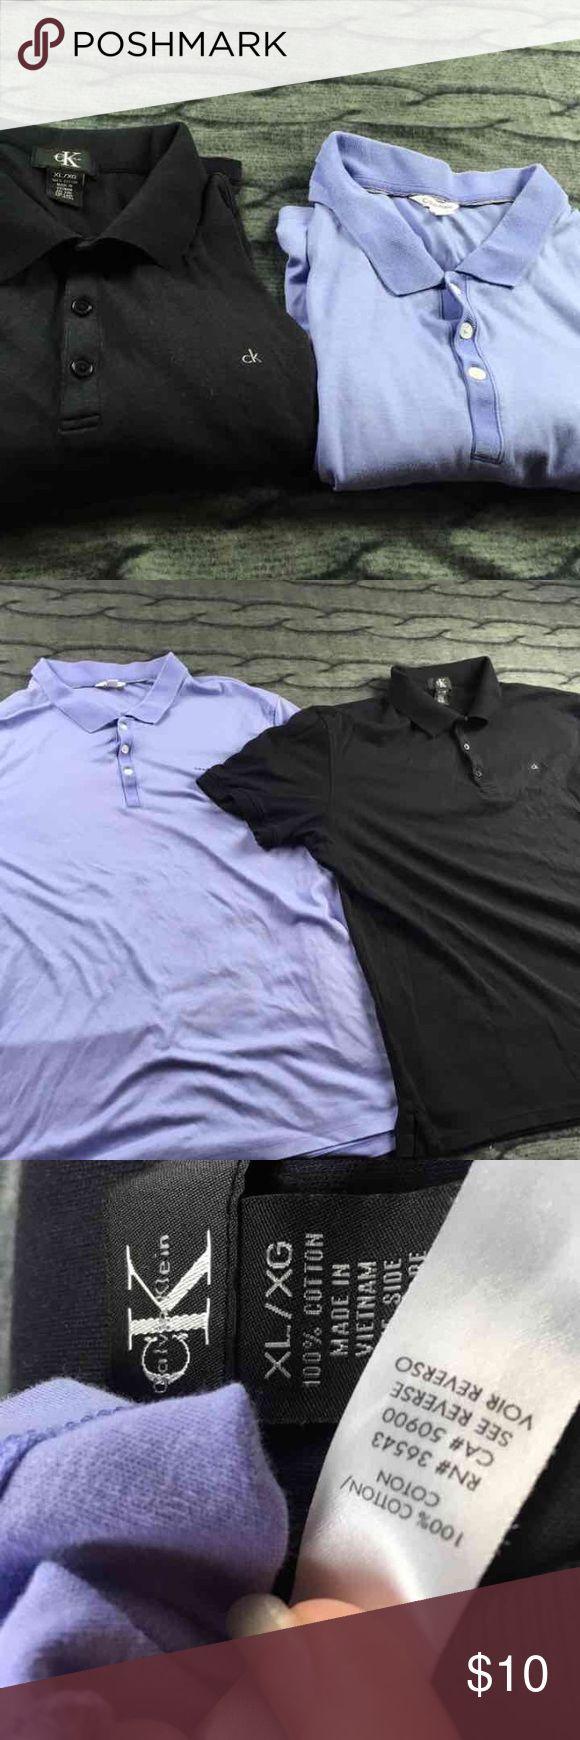 2 100% cotton polo shirts Calvin Klein XL 2 100% cotton polo shirts Calvin Klein good condition. C16 Calvin Klein Shirts Polos